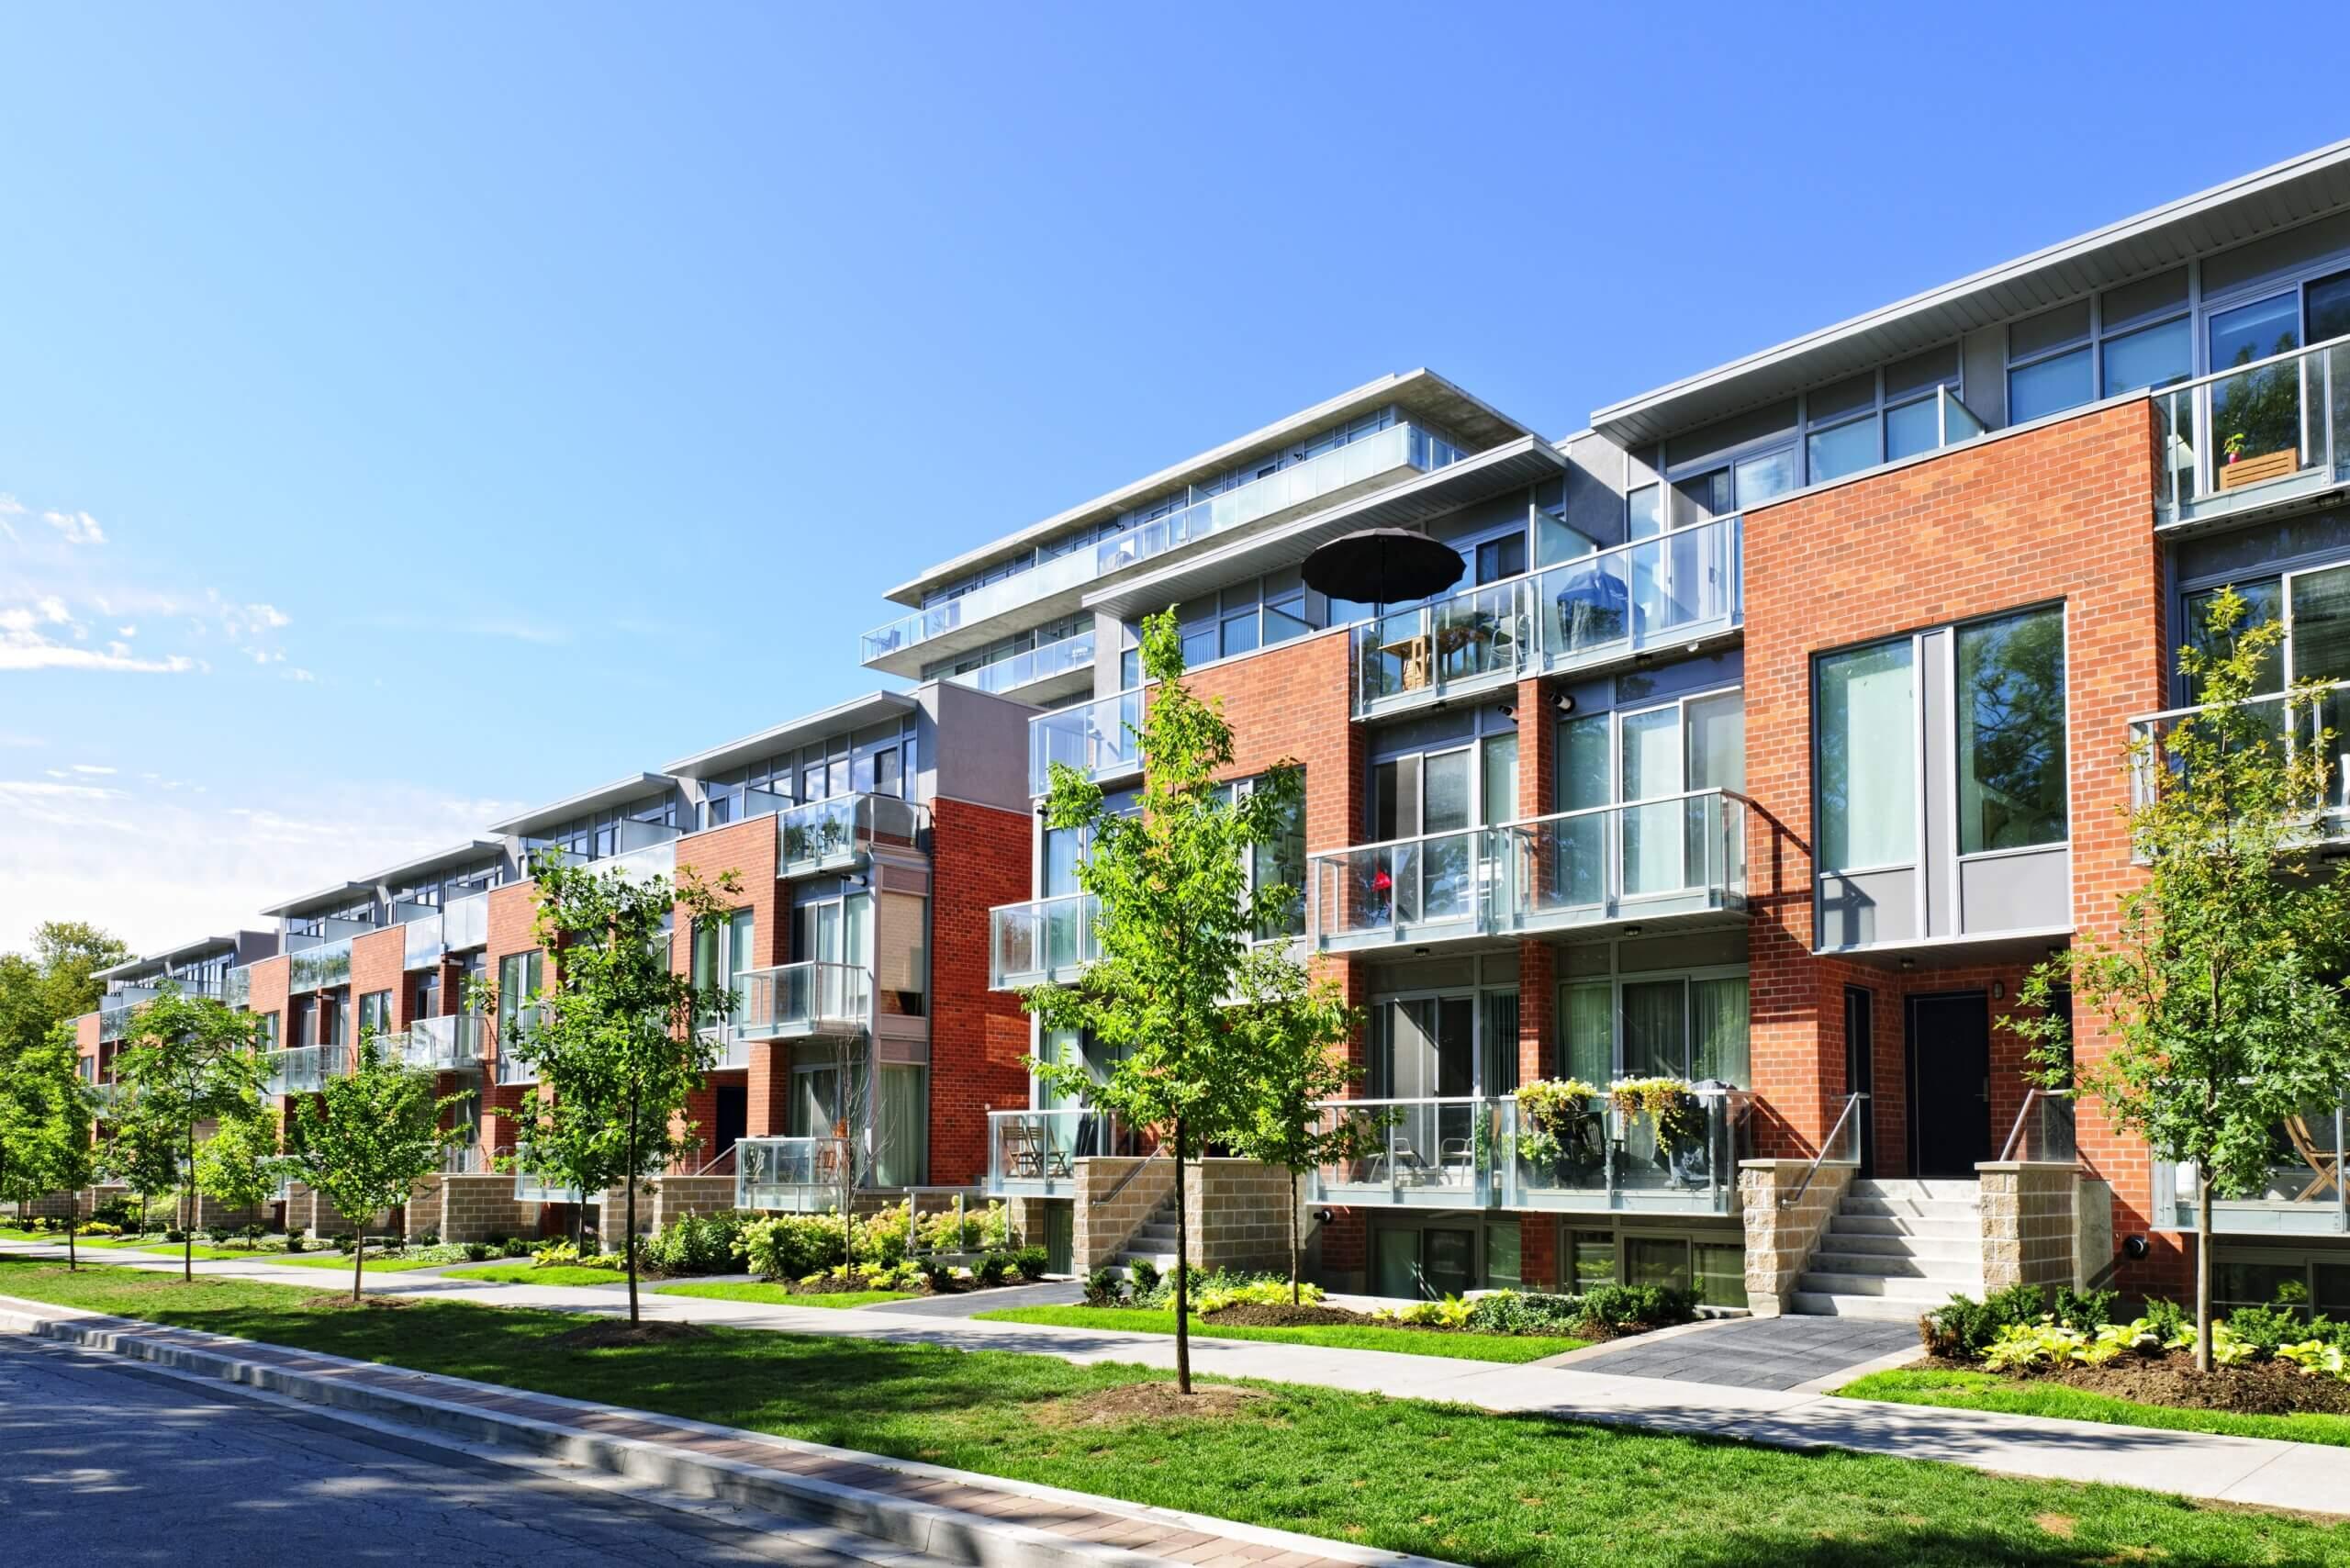 Egyetemhez közeli, jó elhelyezkedésű lakást keres? Megmutatjuk Budapest legmodernebb otthonait